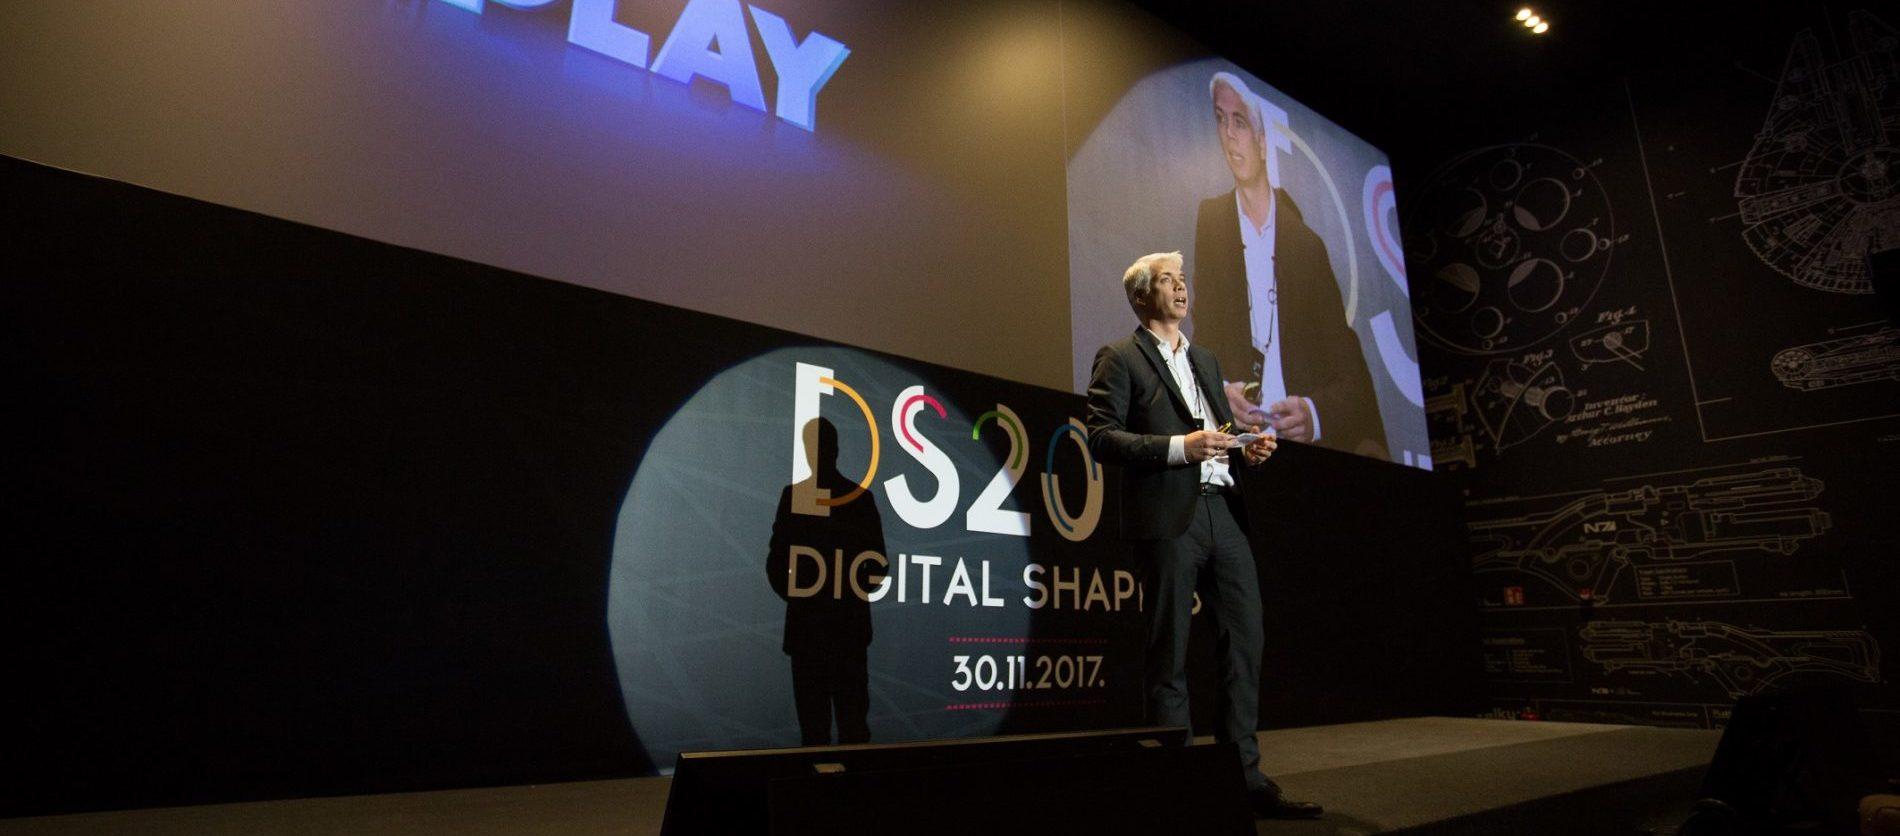 Konferencija Digital Shapers okupila više od sedam stotina sudionika